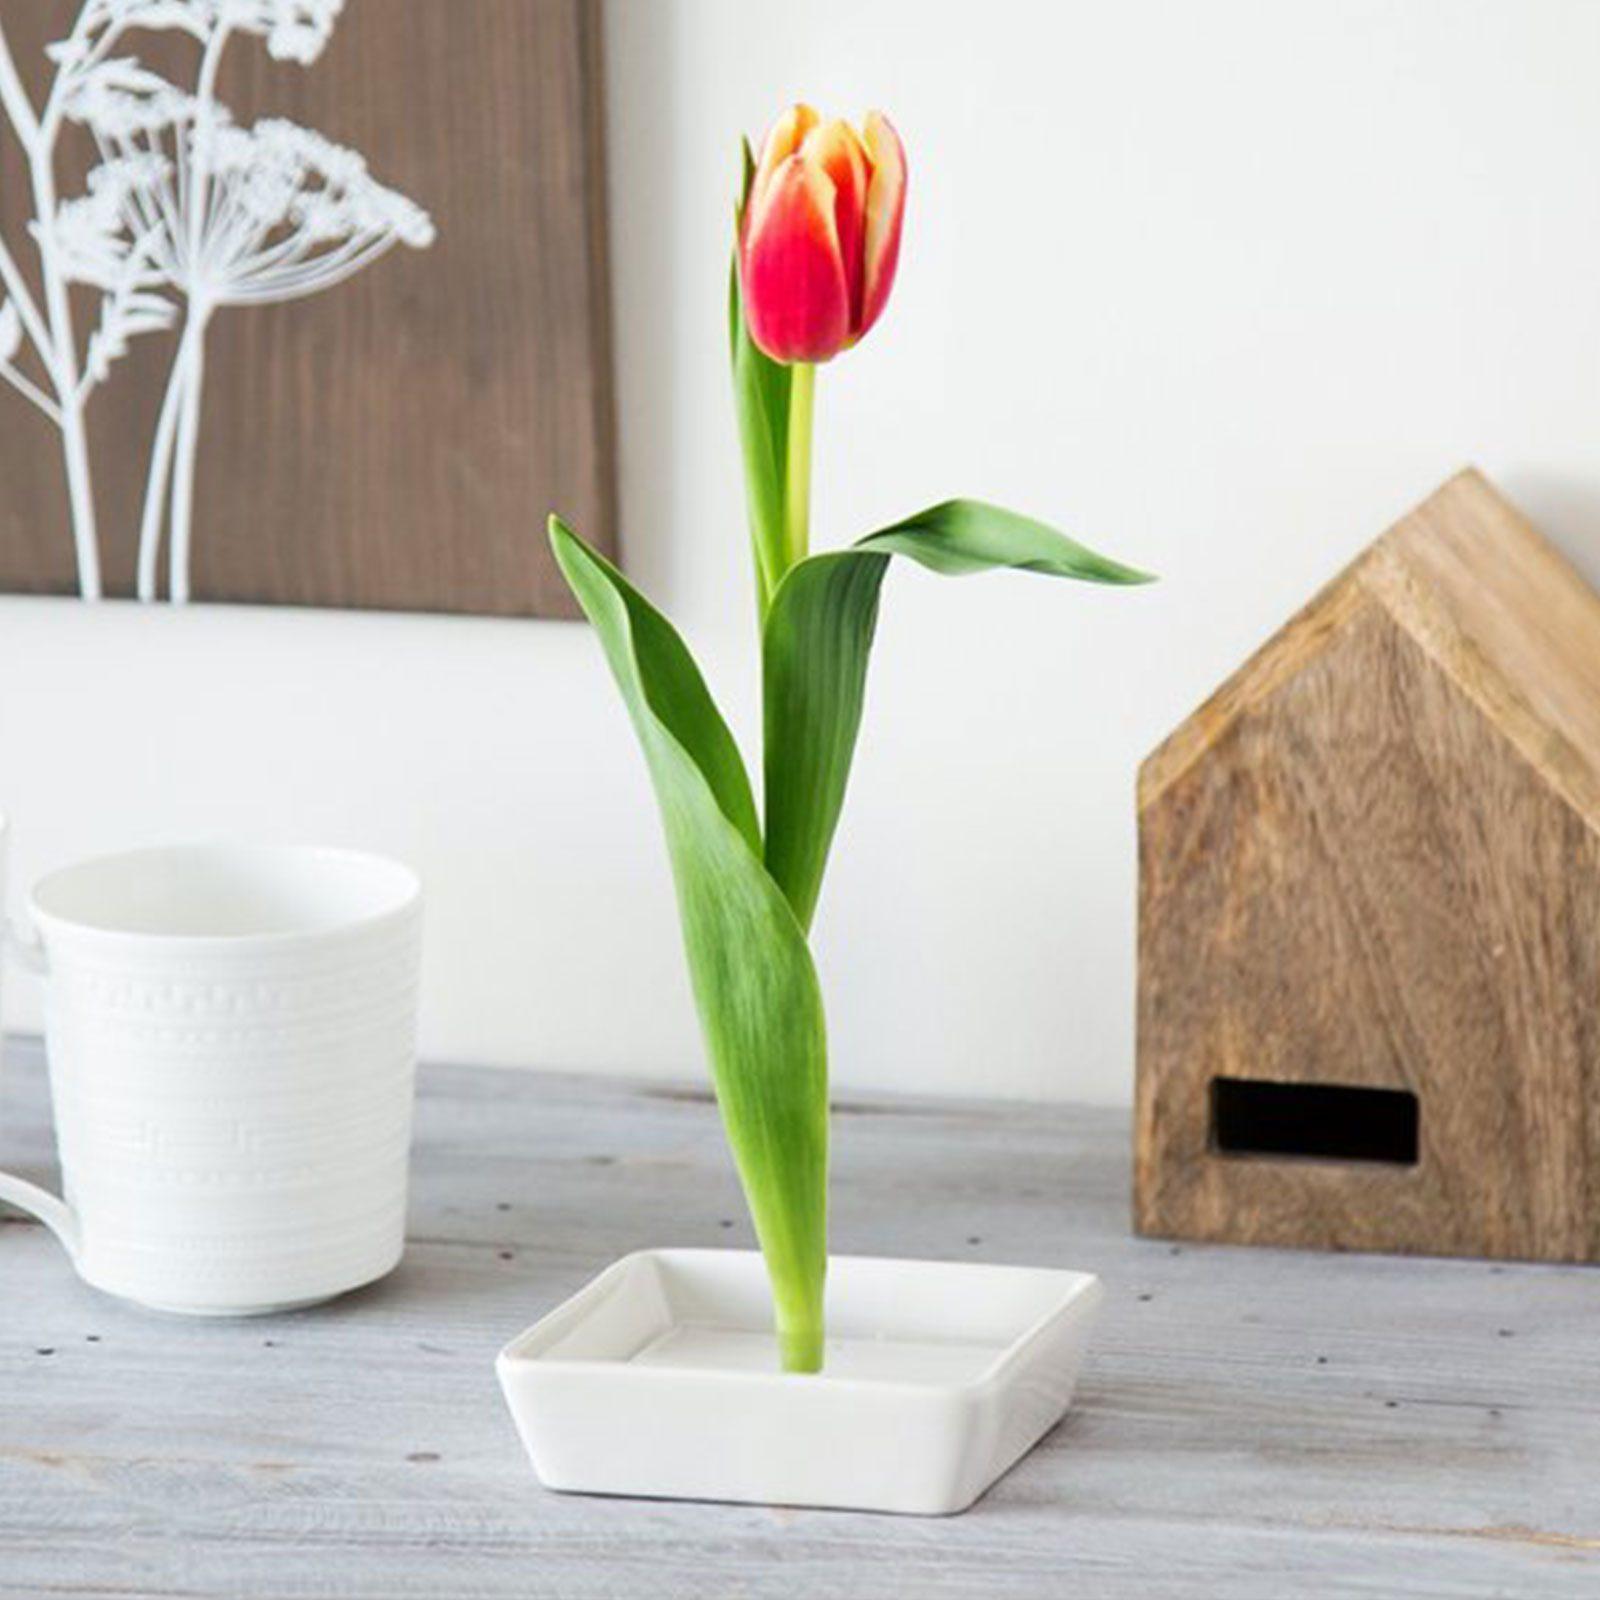 For desk decorators: Florida Vase Floating Flower Pin Vase